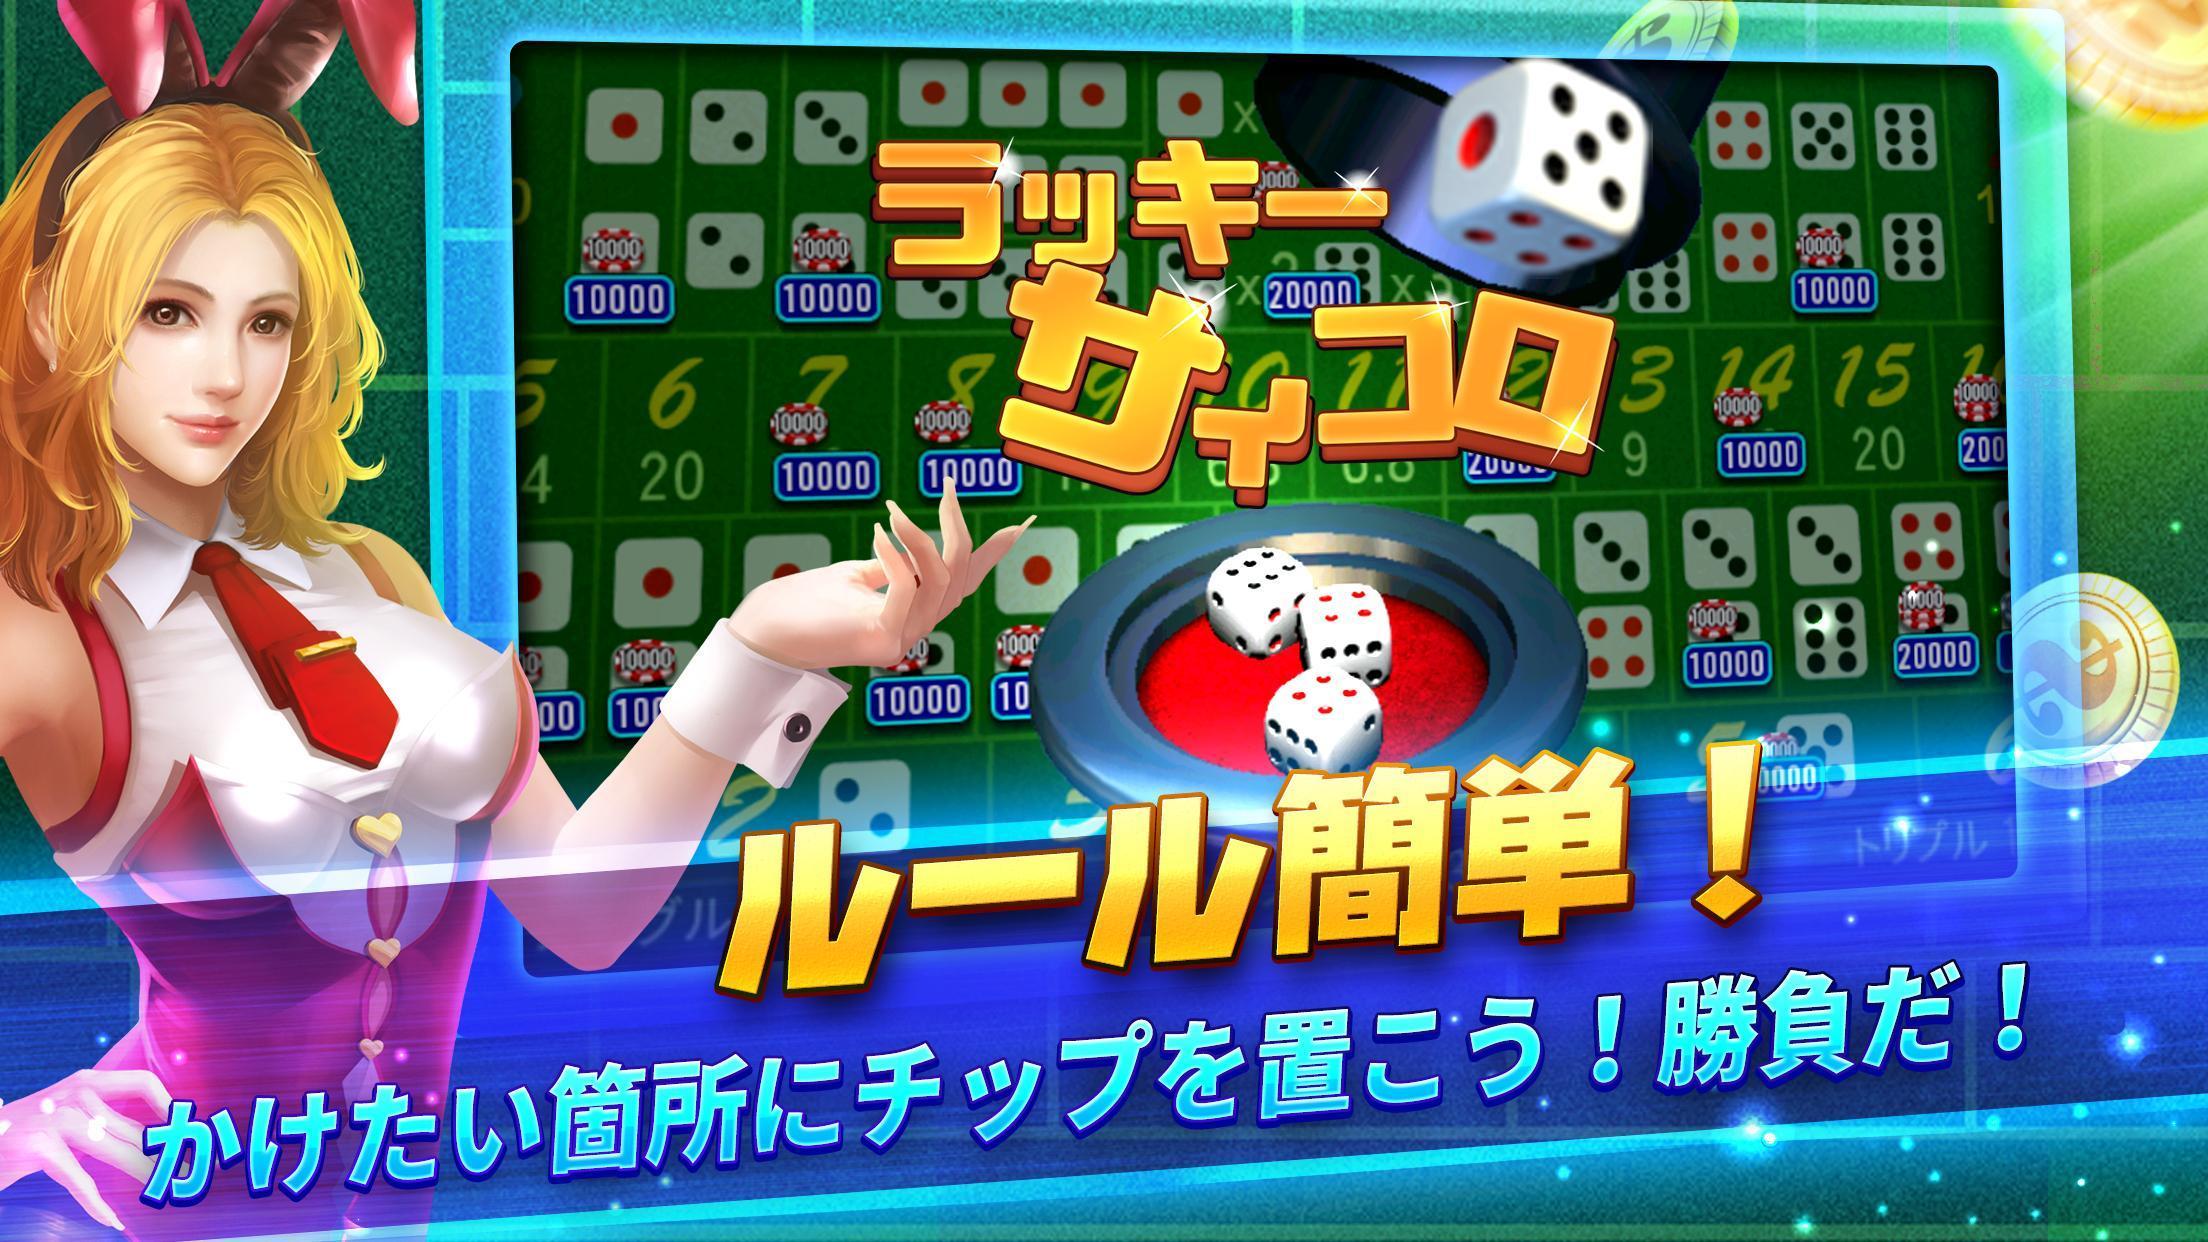 スーパーラッキーカジノ ~ オーシャンモンスター、スロット、サイコロ、ポーカー 3.14.1 Screenshot 4